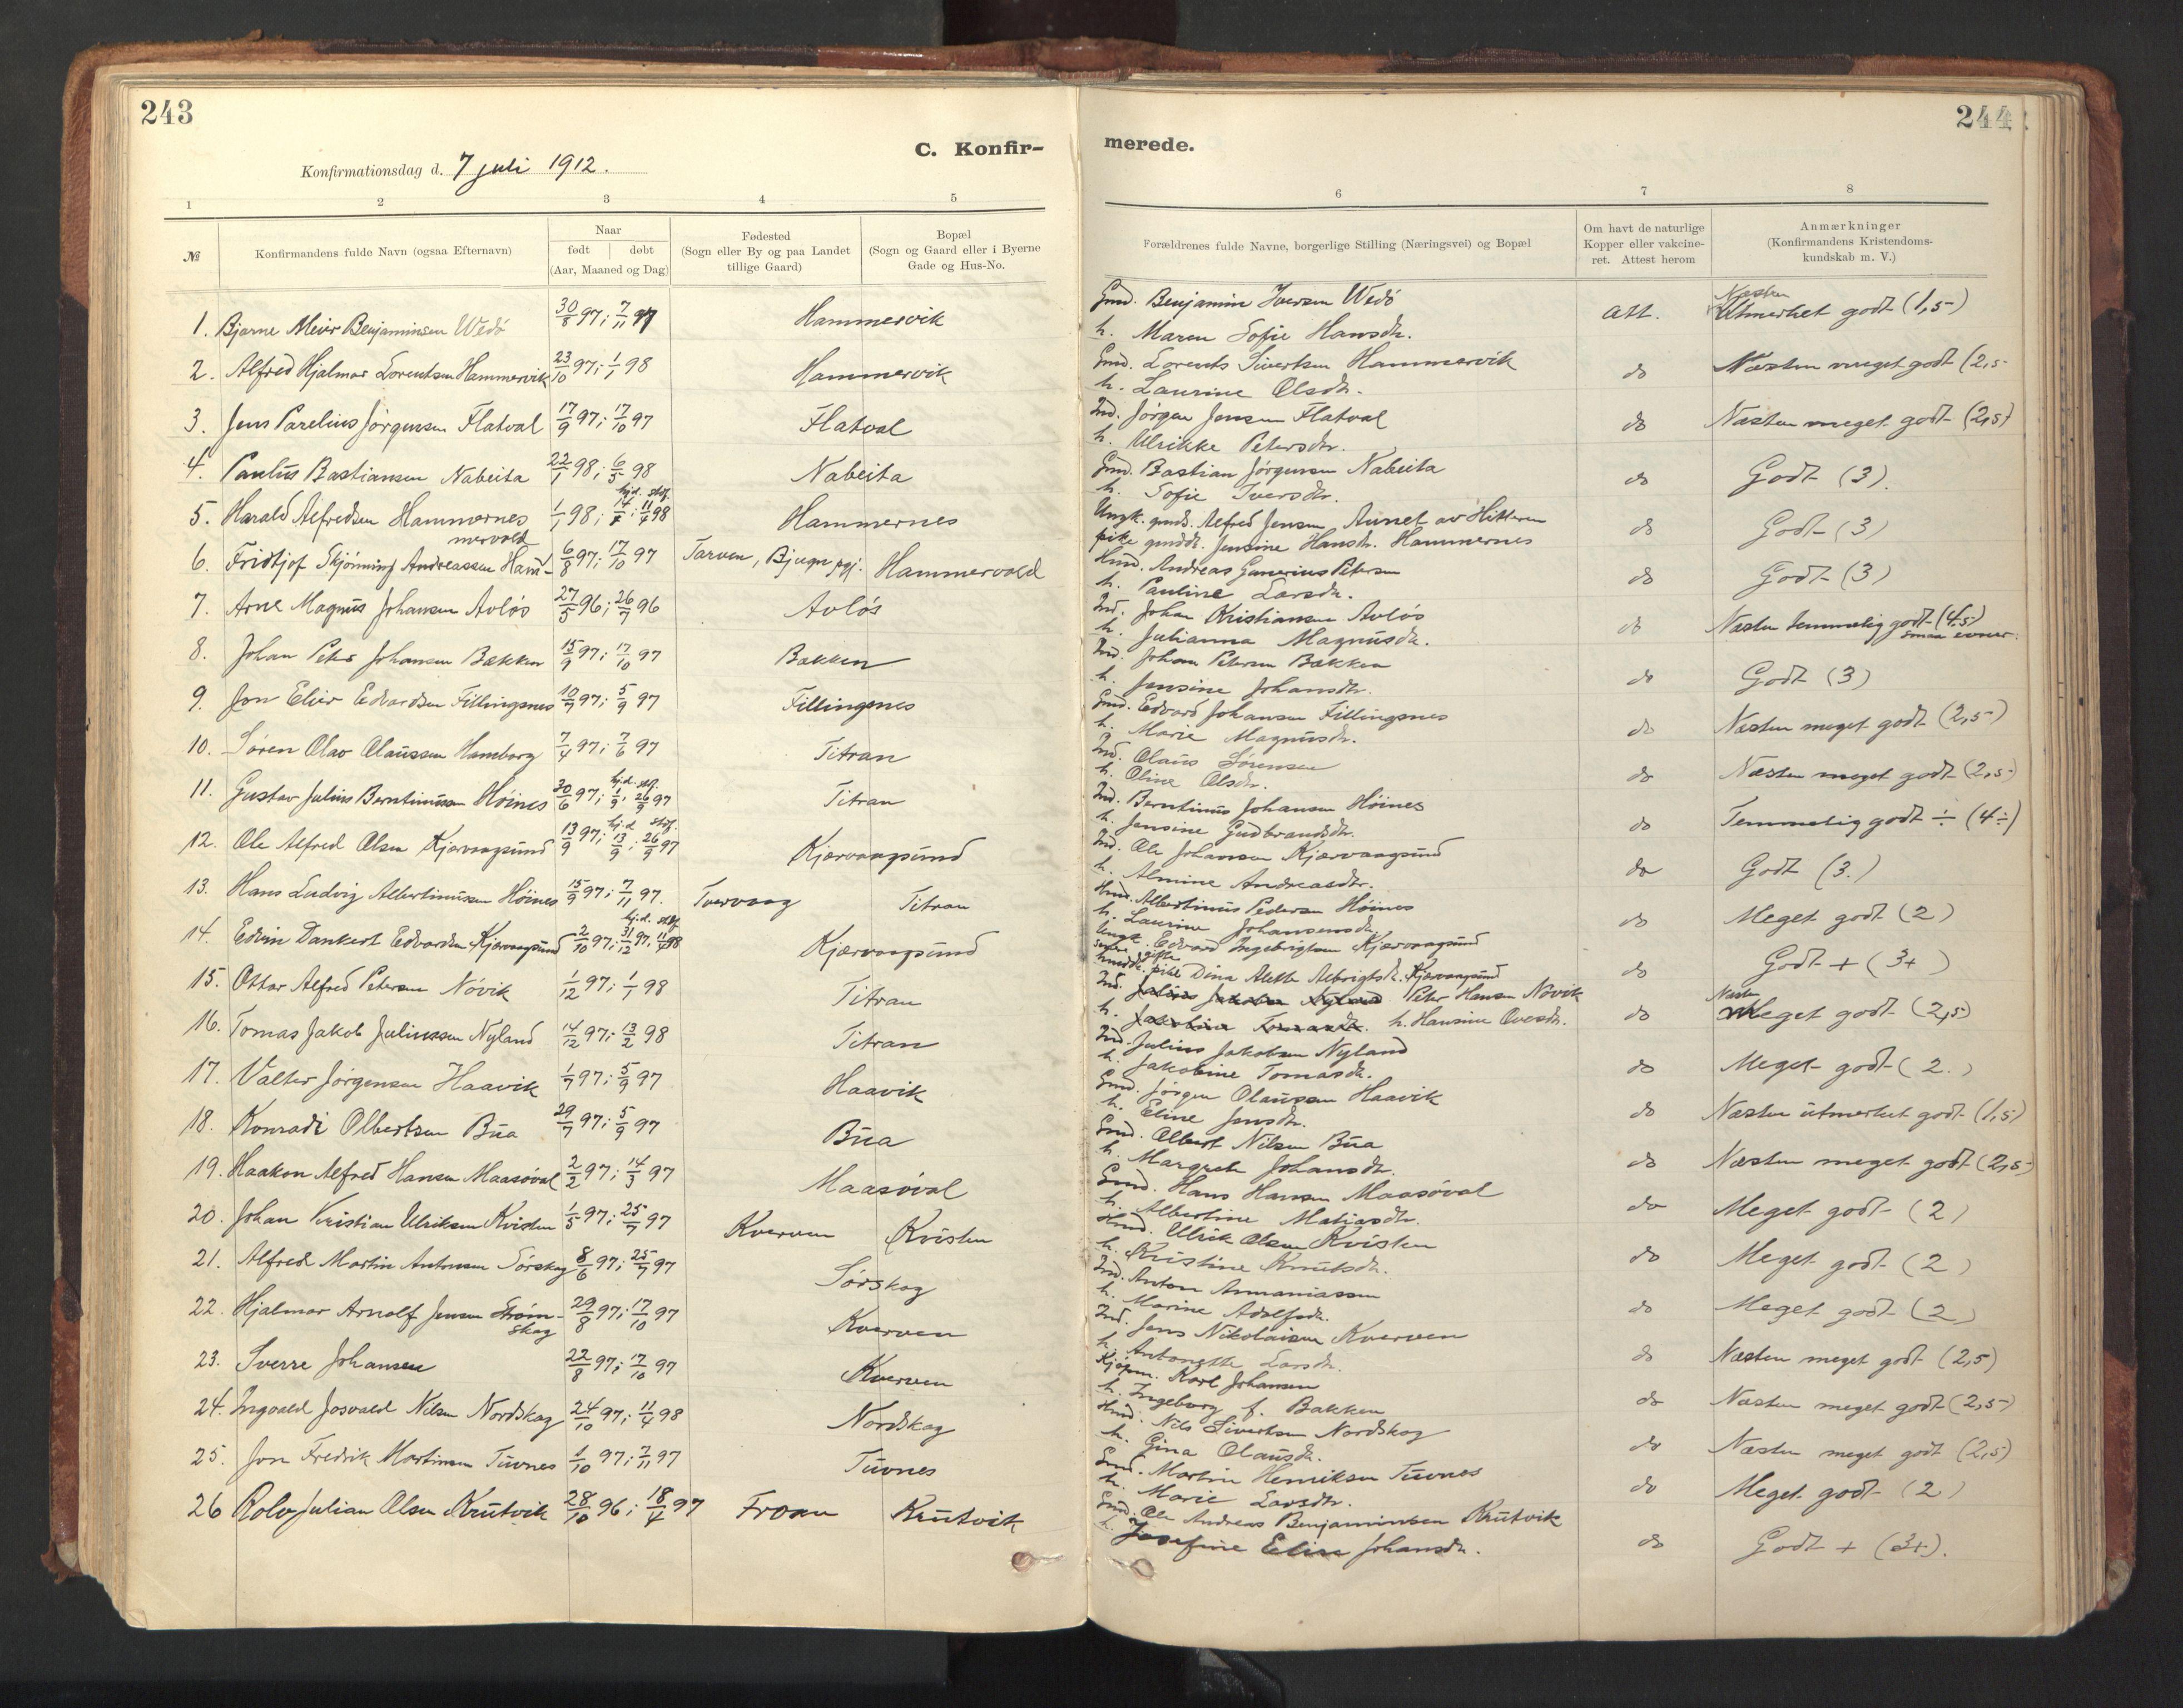 SAT, Ministerialprotokoller, klokkerbøker og fødselsregistre - Sør-Trøndelag, 641/L0596: Ministerialbok nr. 641A02, 1898-1915, s. 243-244